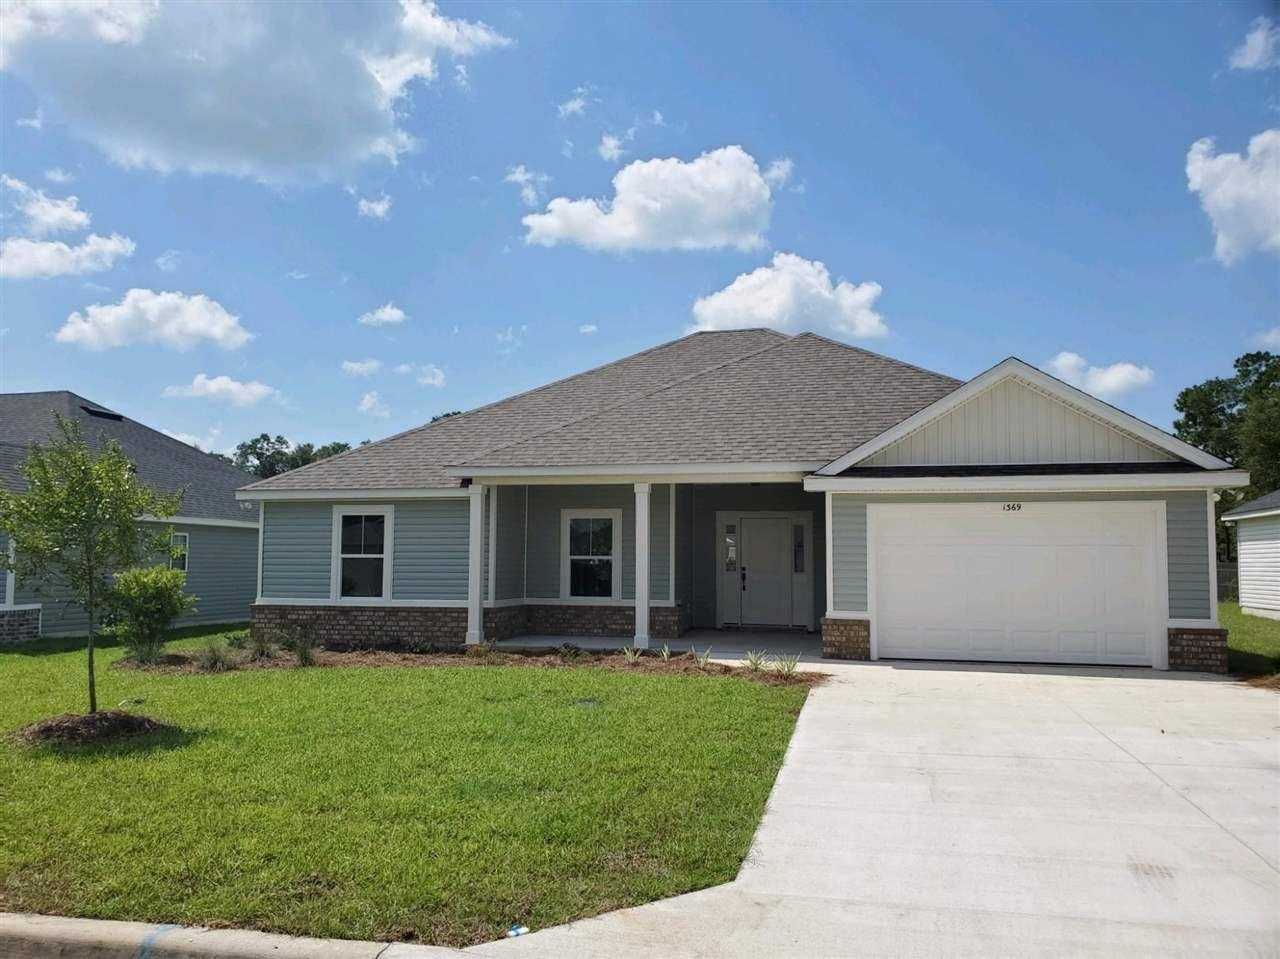 4655 Center Drive, Tallahassee, FL 32305 - MLS#: 332277